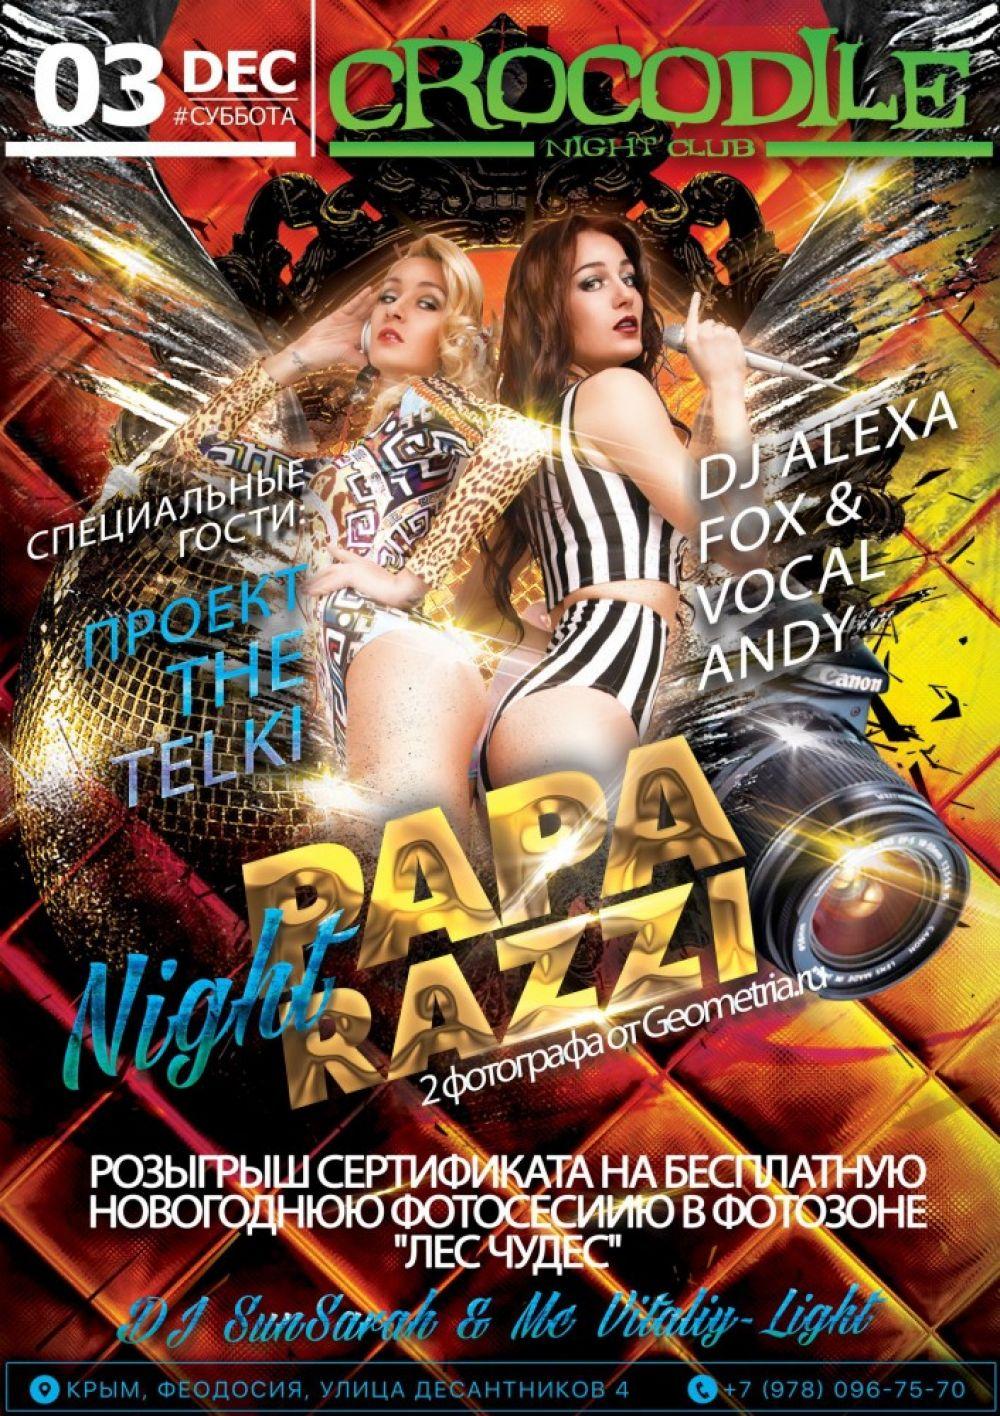 PAPARAZZI PARTY в ночном клубе «CROCODILE»